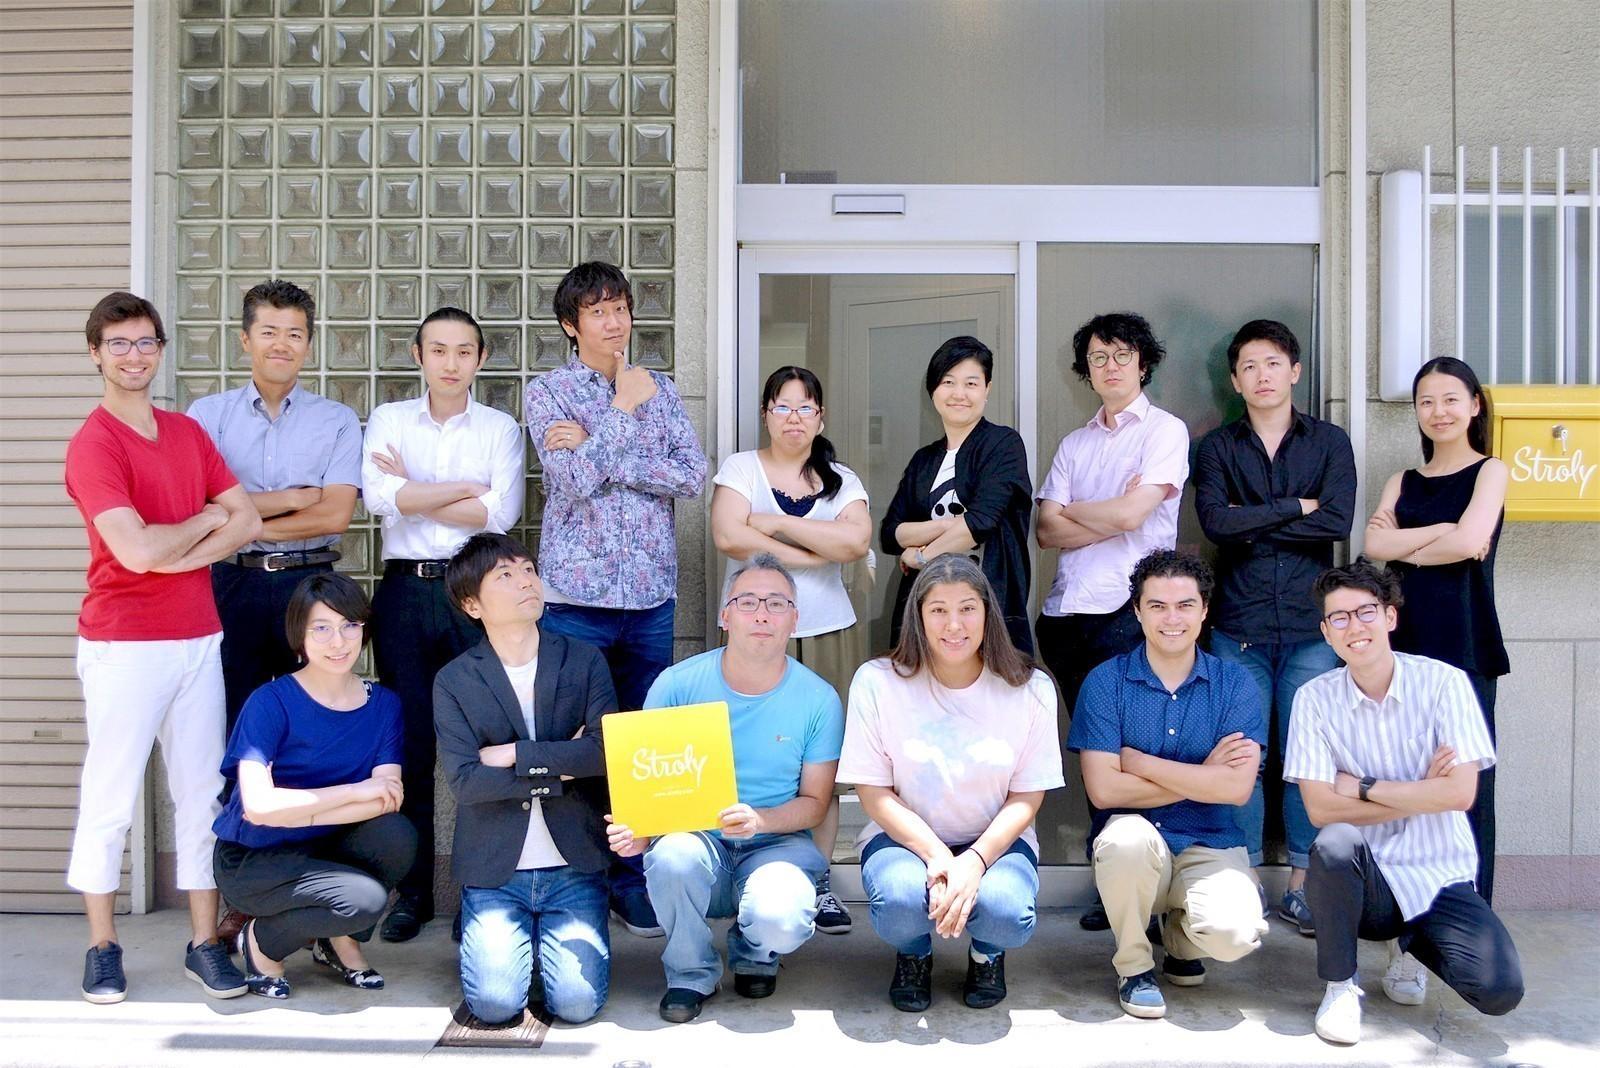 京都発スタートアップで地図のCGMプラットフォーム開発を手がけるPythonエンジニア募集(東京勤務)